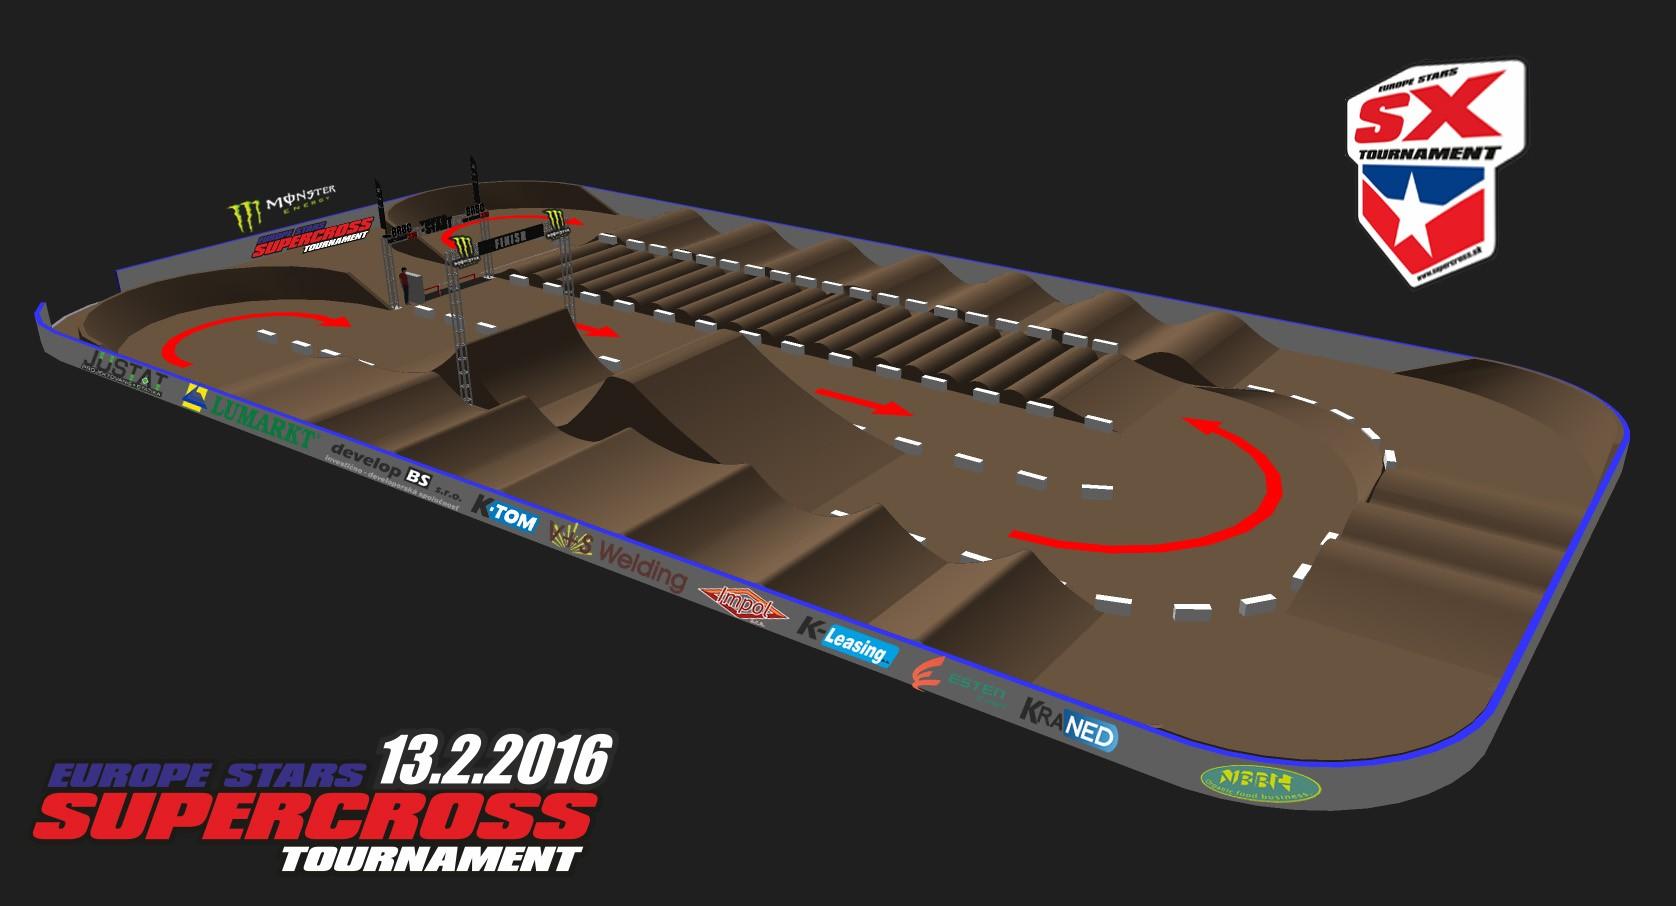 TRACK_Supercross Europe stars 2016